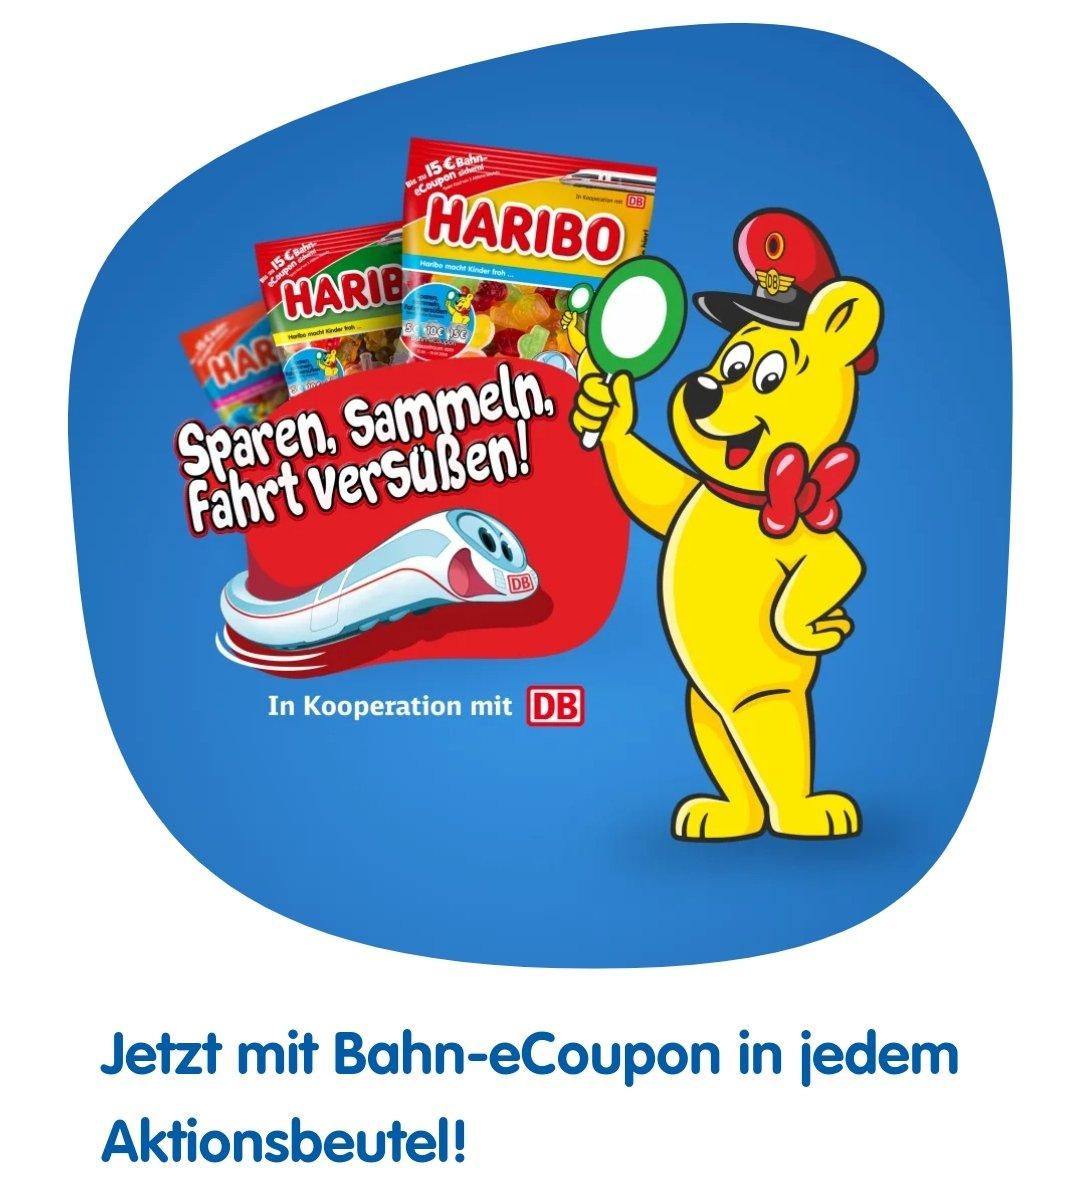 Bis zu 3x 5€ DB-Gutschein in HARIBO Aktions-Packungen